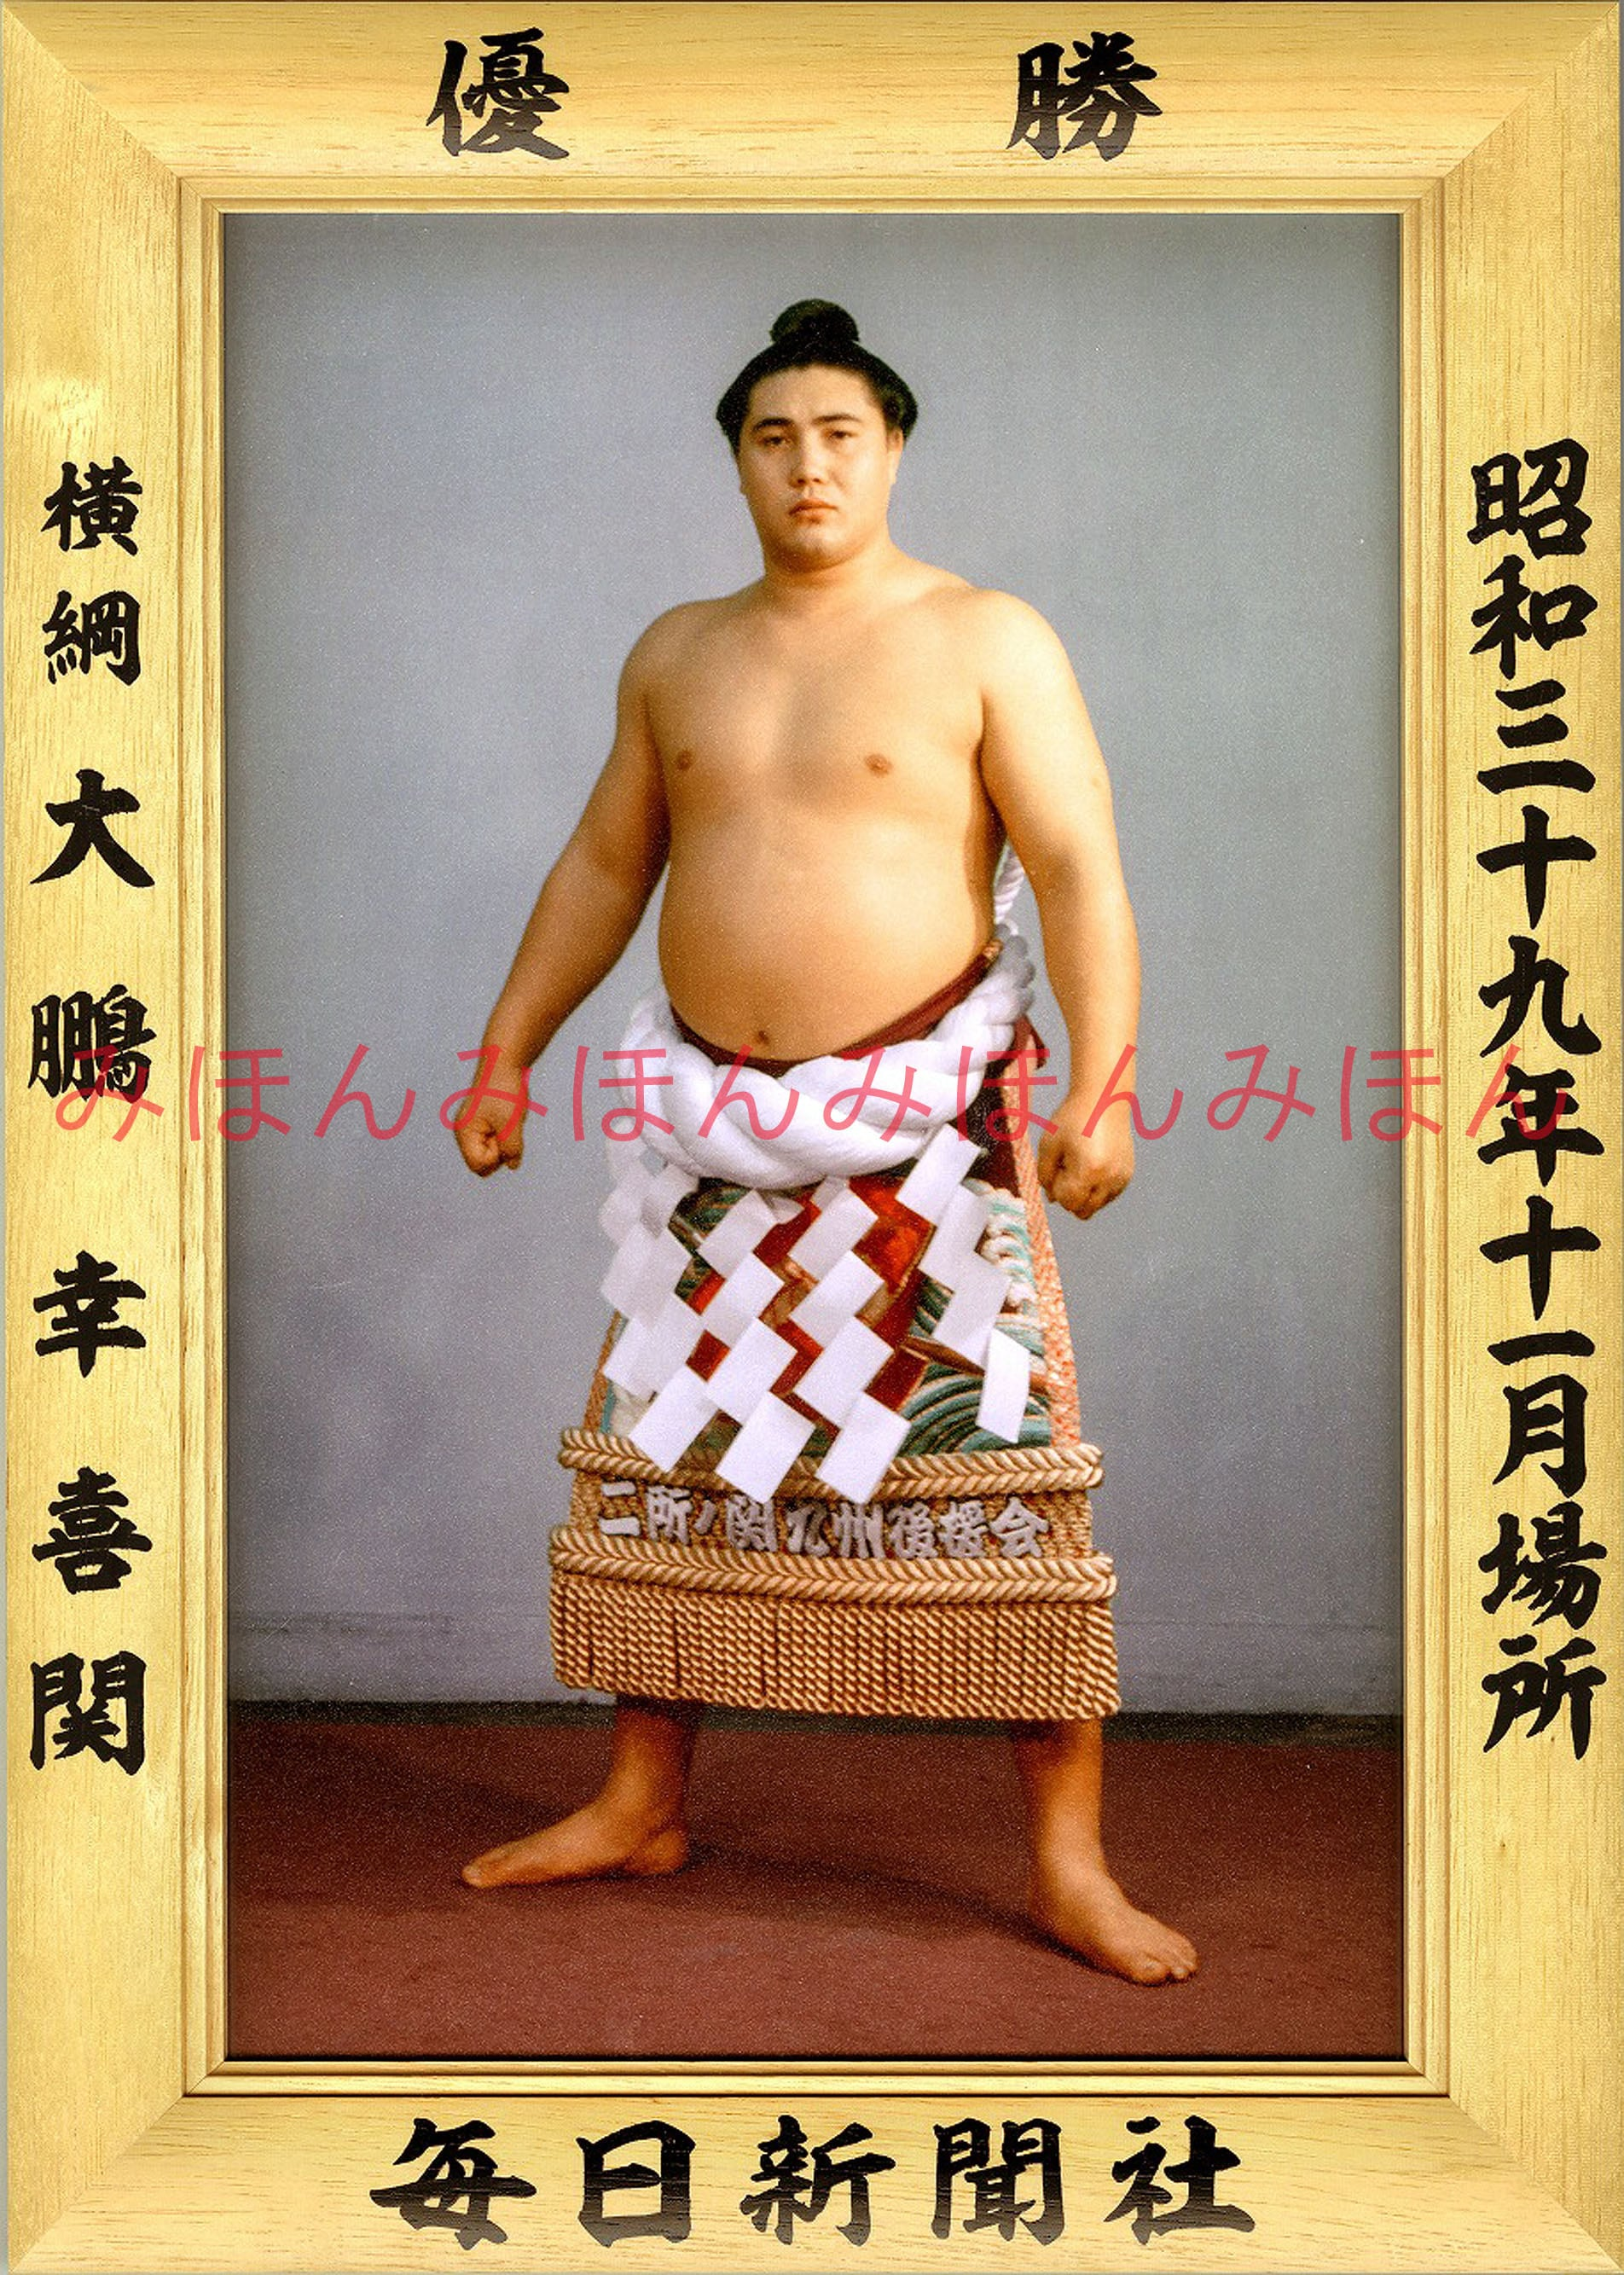 昭和39年11月場所優勝 横綱 大鵬幸喜関(15回目の優勝)